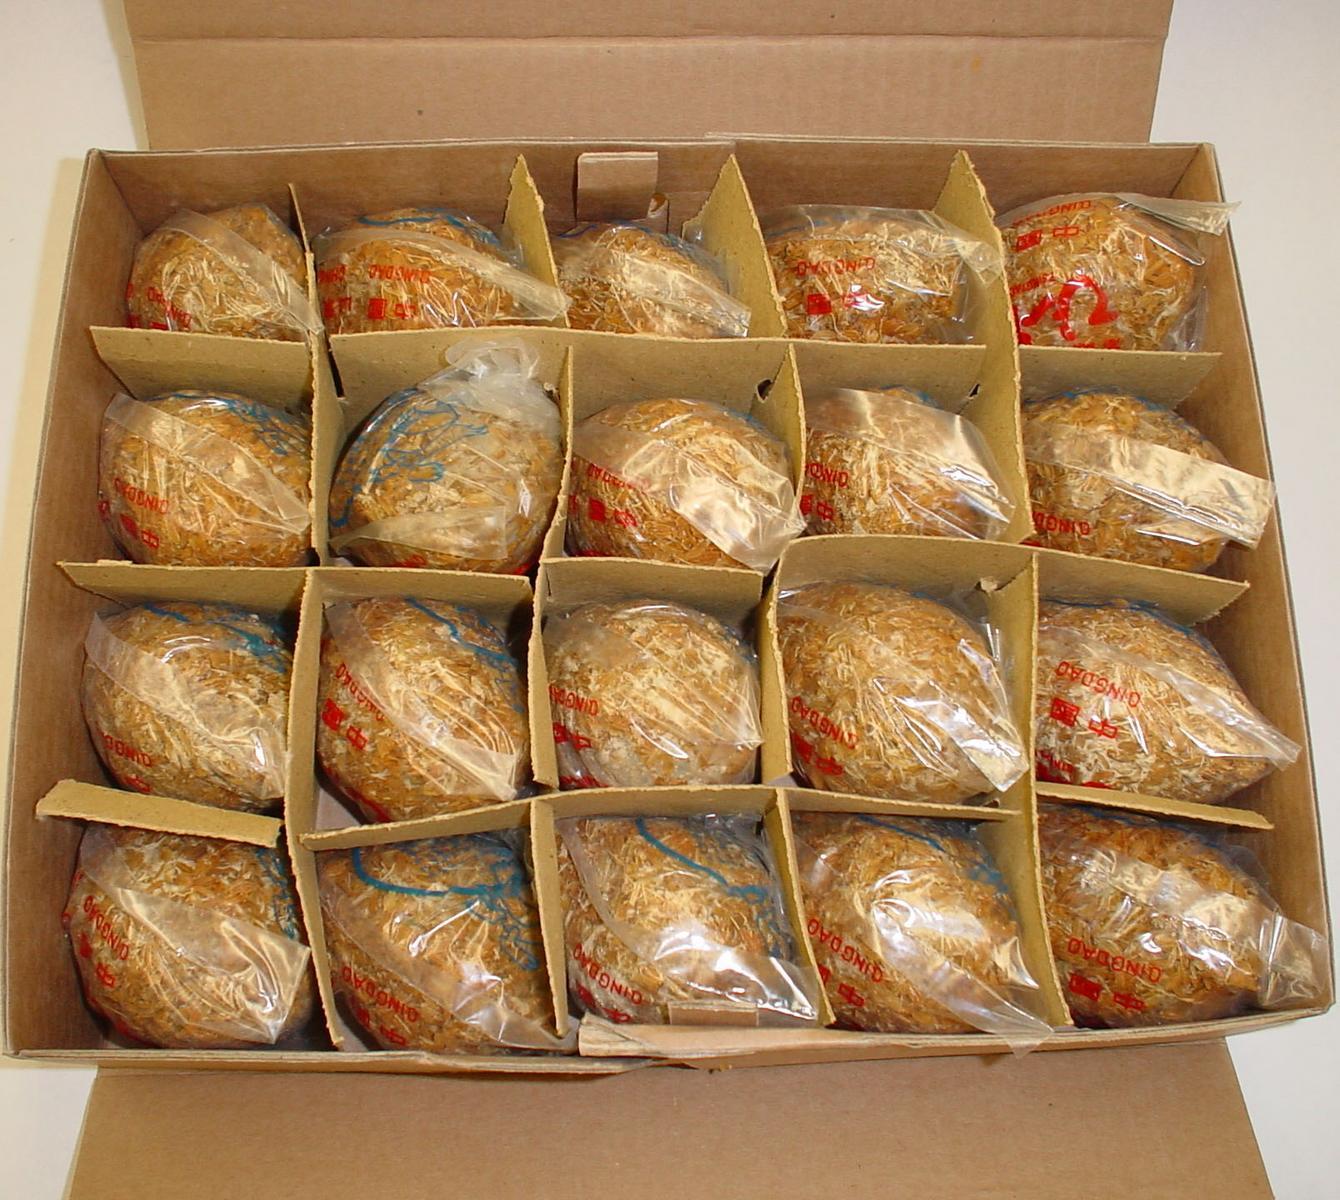 【まとめ買い】 チンタオピータン 青島皮蛋 (硬芯タイプ) 中国産 Lサイズ 20個 x8箱